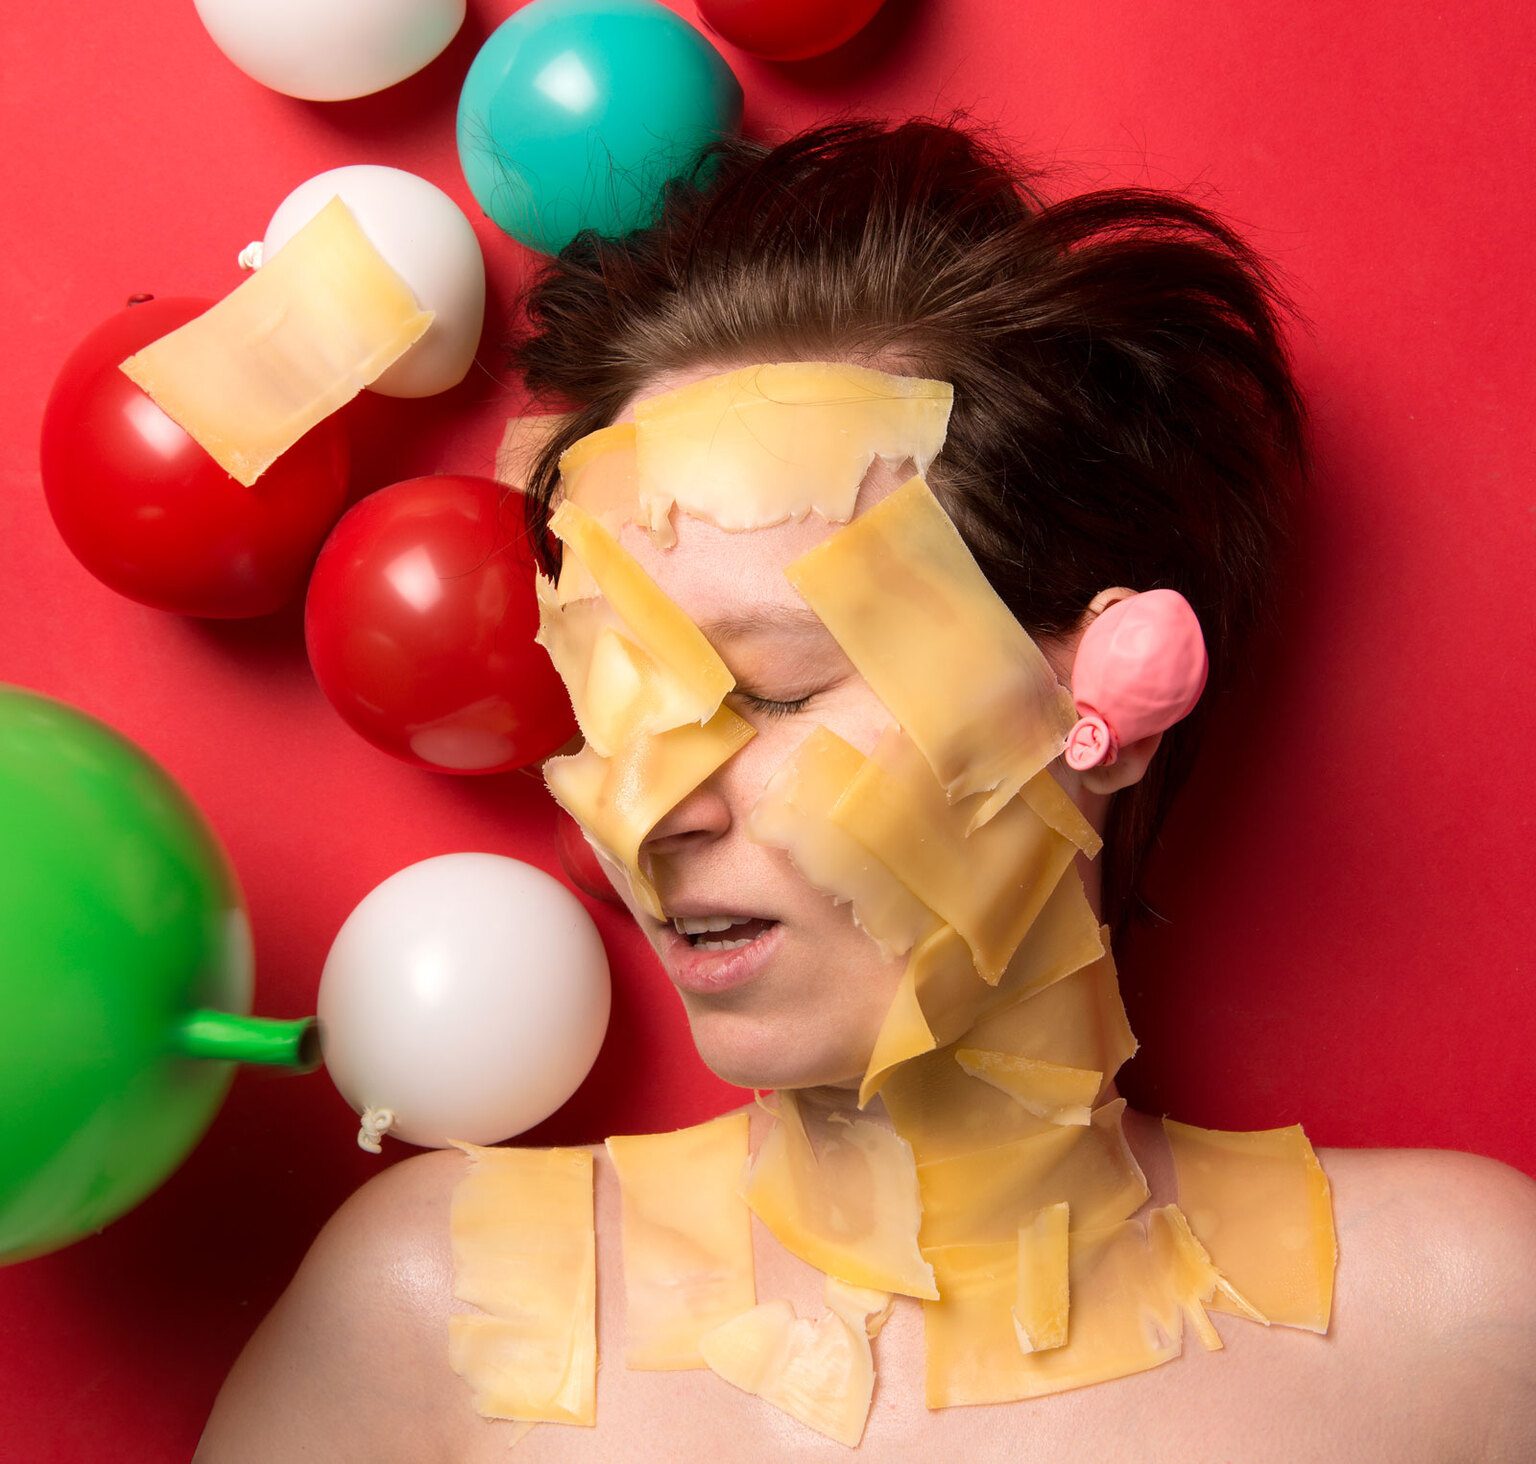 Manon - Manon is een echte Hollandse dame. Altijd als ik bij haar thuis kom heeft ze heerlijke borrelhapjes staan zoals kaas en vleeswaren. Tijdens het snack - foto door SophieVermeulen op 14-04-2021 - deze foto bevat: kaasmeisje, balloons, fineartphothography, portraitstillife, holland, feestje, borrelhapjes, portret, kaas, saychees, lifeconversations, neus, gezichtsuitdrukking, orgaan, oor, ballon, gebaar, geel, pret, rood, wimper